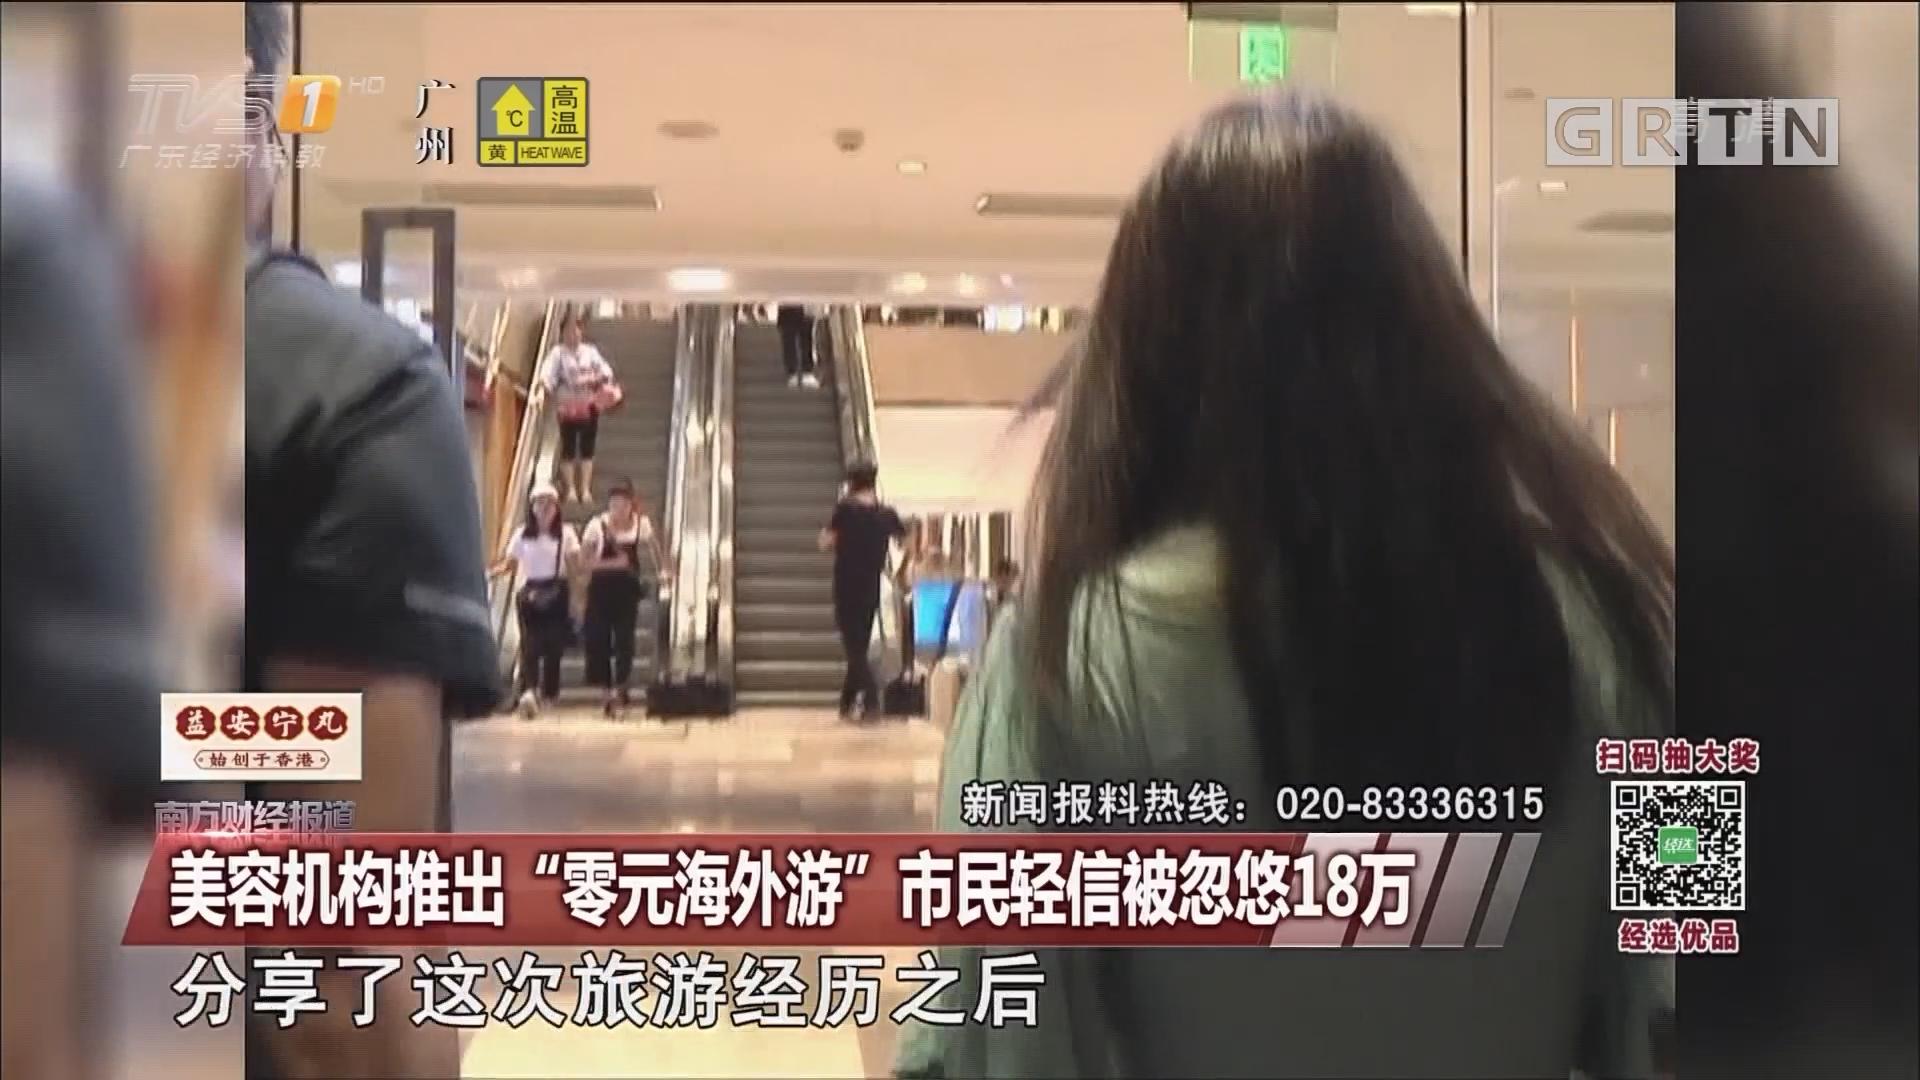 """美容机构推出""""零元海外游""""市民轻信被忽悠18万"""